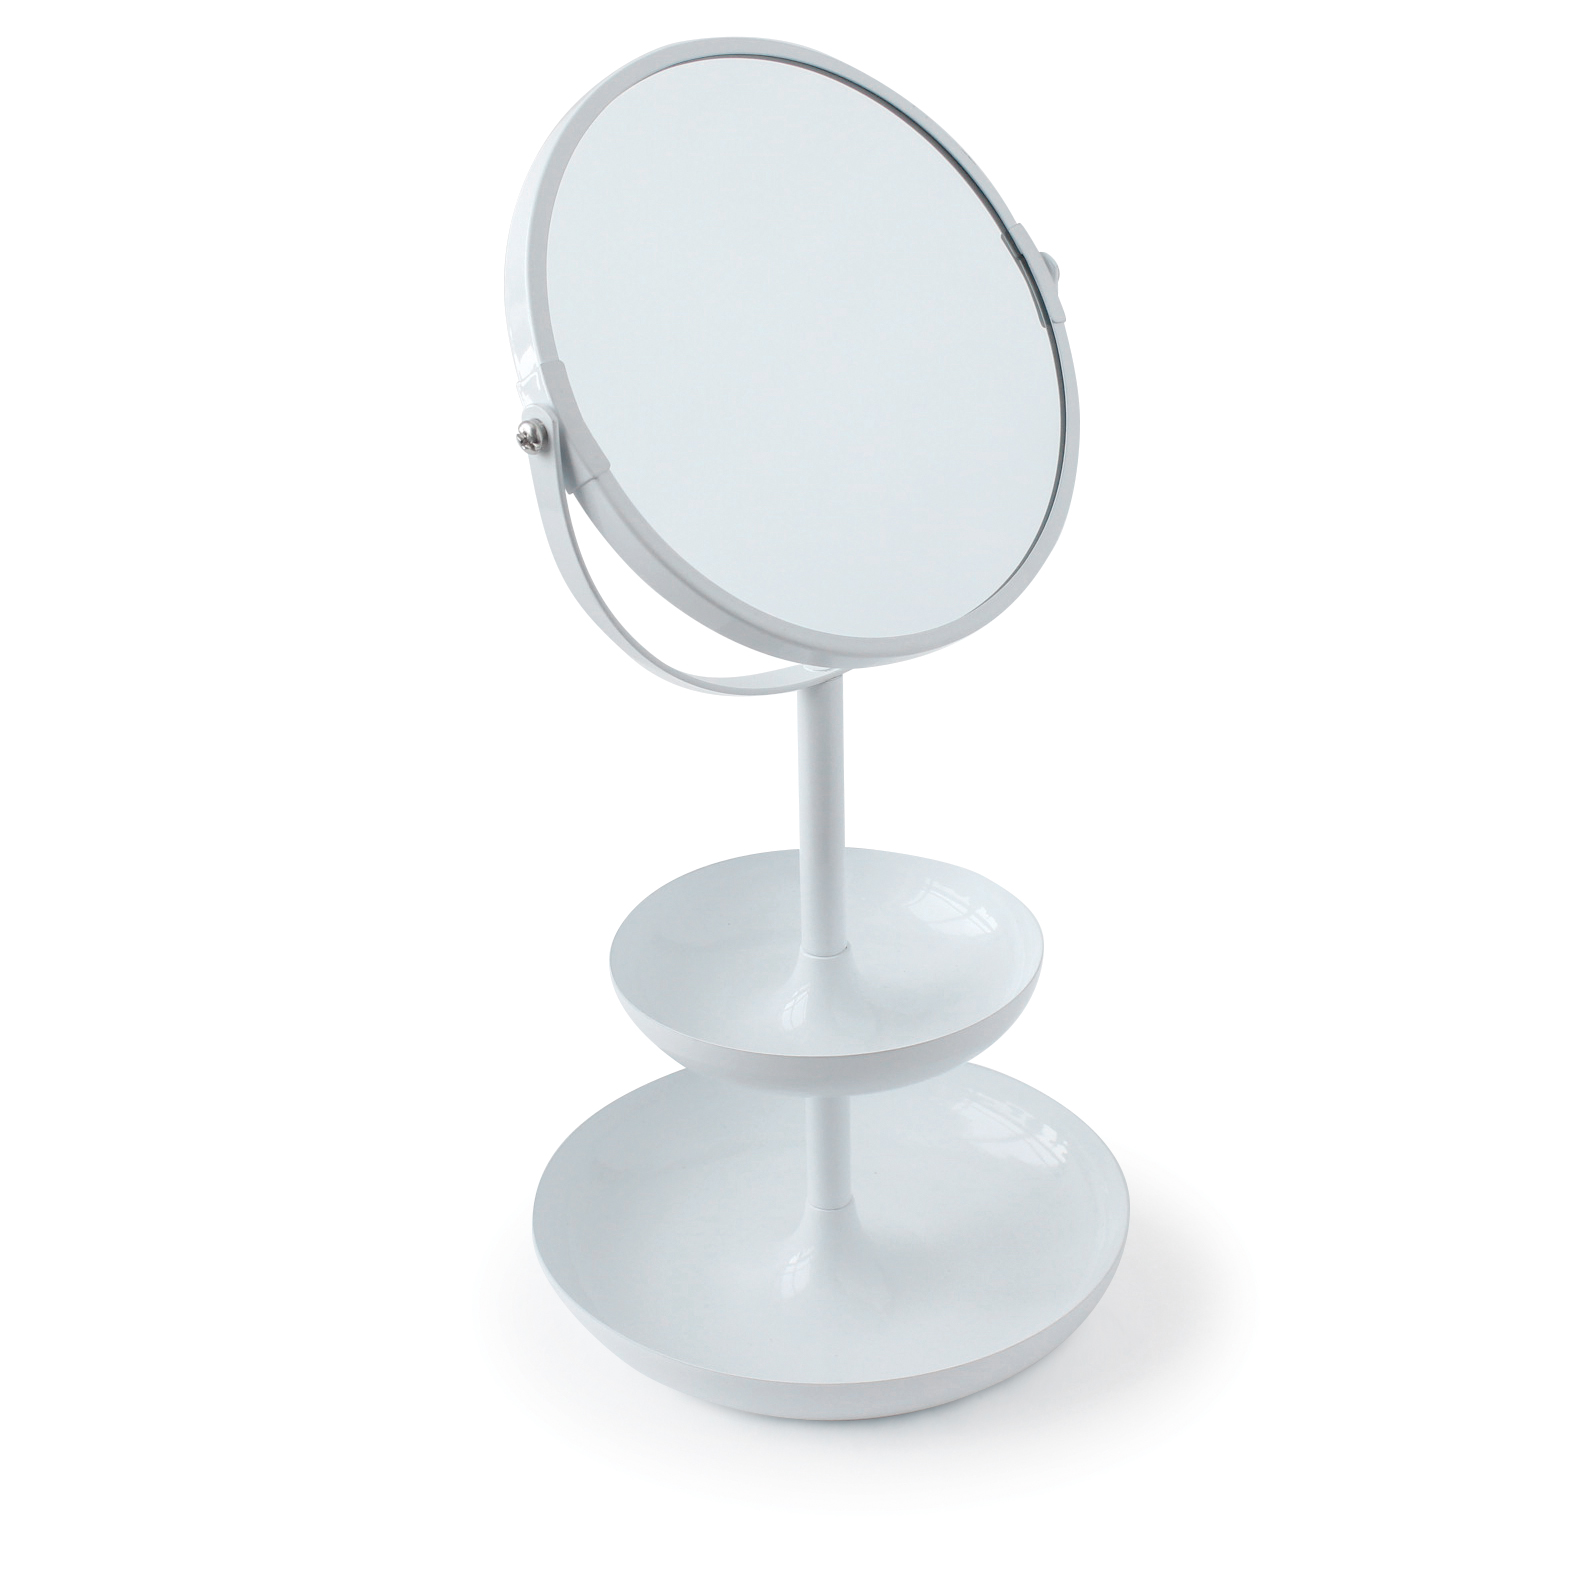 2-tier metal mirror